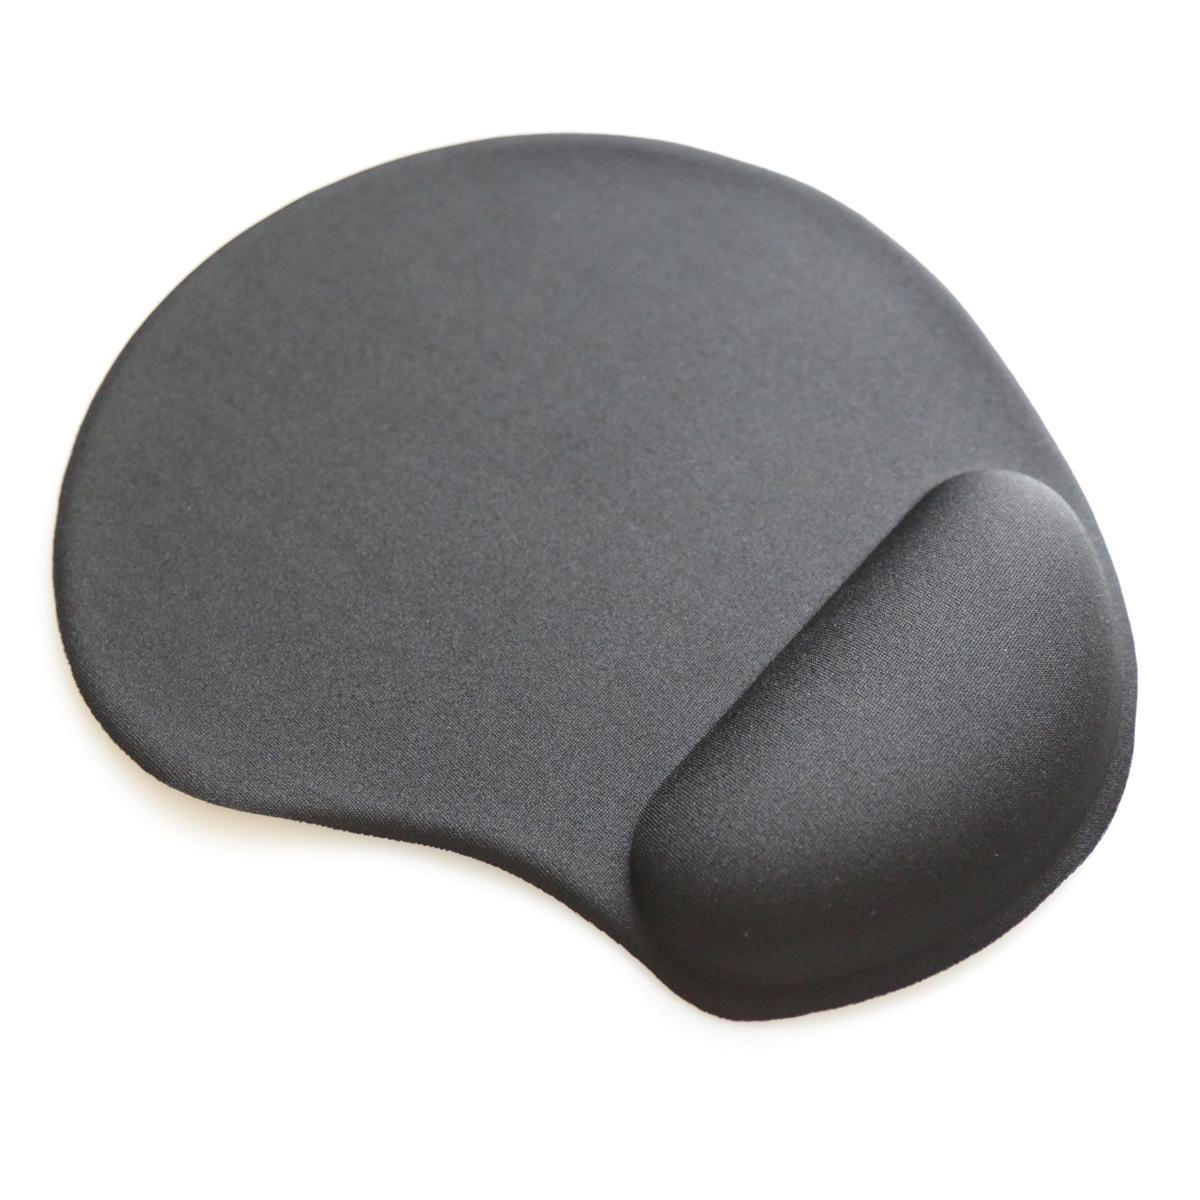 Подложка за мишка ергономична  с гел Omega, цвят  Черен